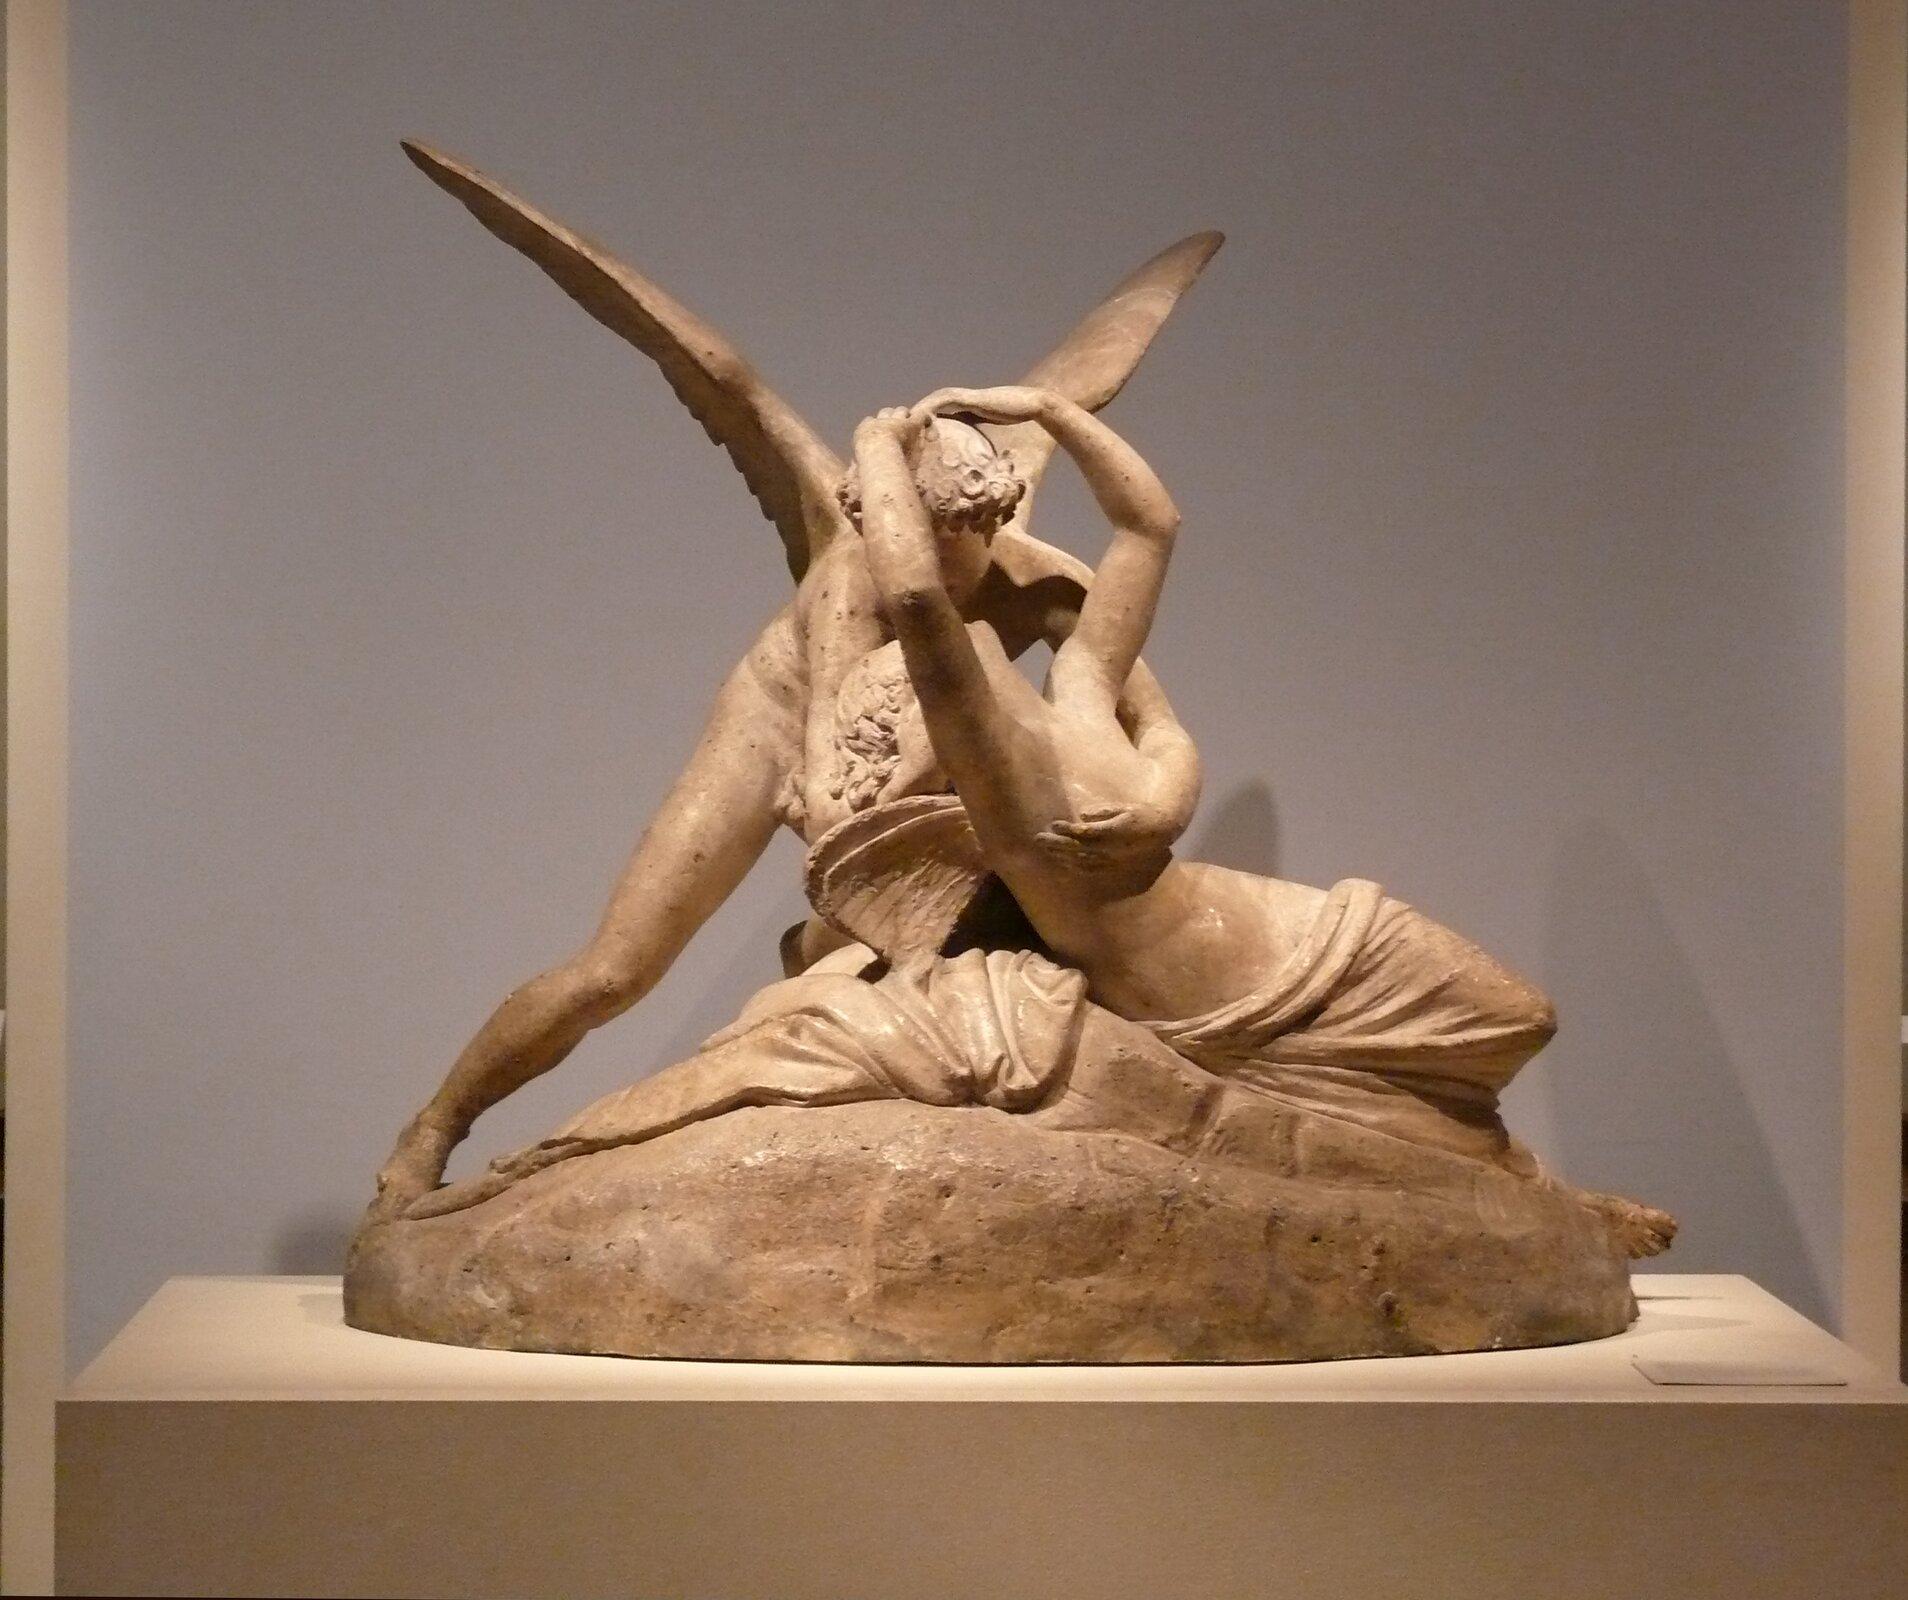 Psyche budzona przez pocałunek Kupidyna Źródło: Antonio Canova, Psyche budzona przez pocałunek Kupidyna, 1793, rzeźba wmarmurze, Muzeum wLuwrze, domena publiczna.